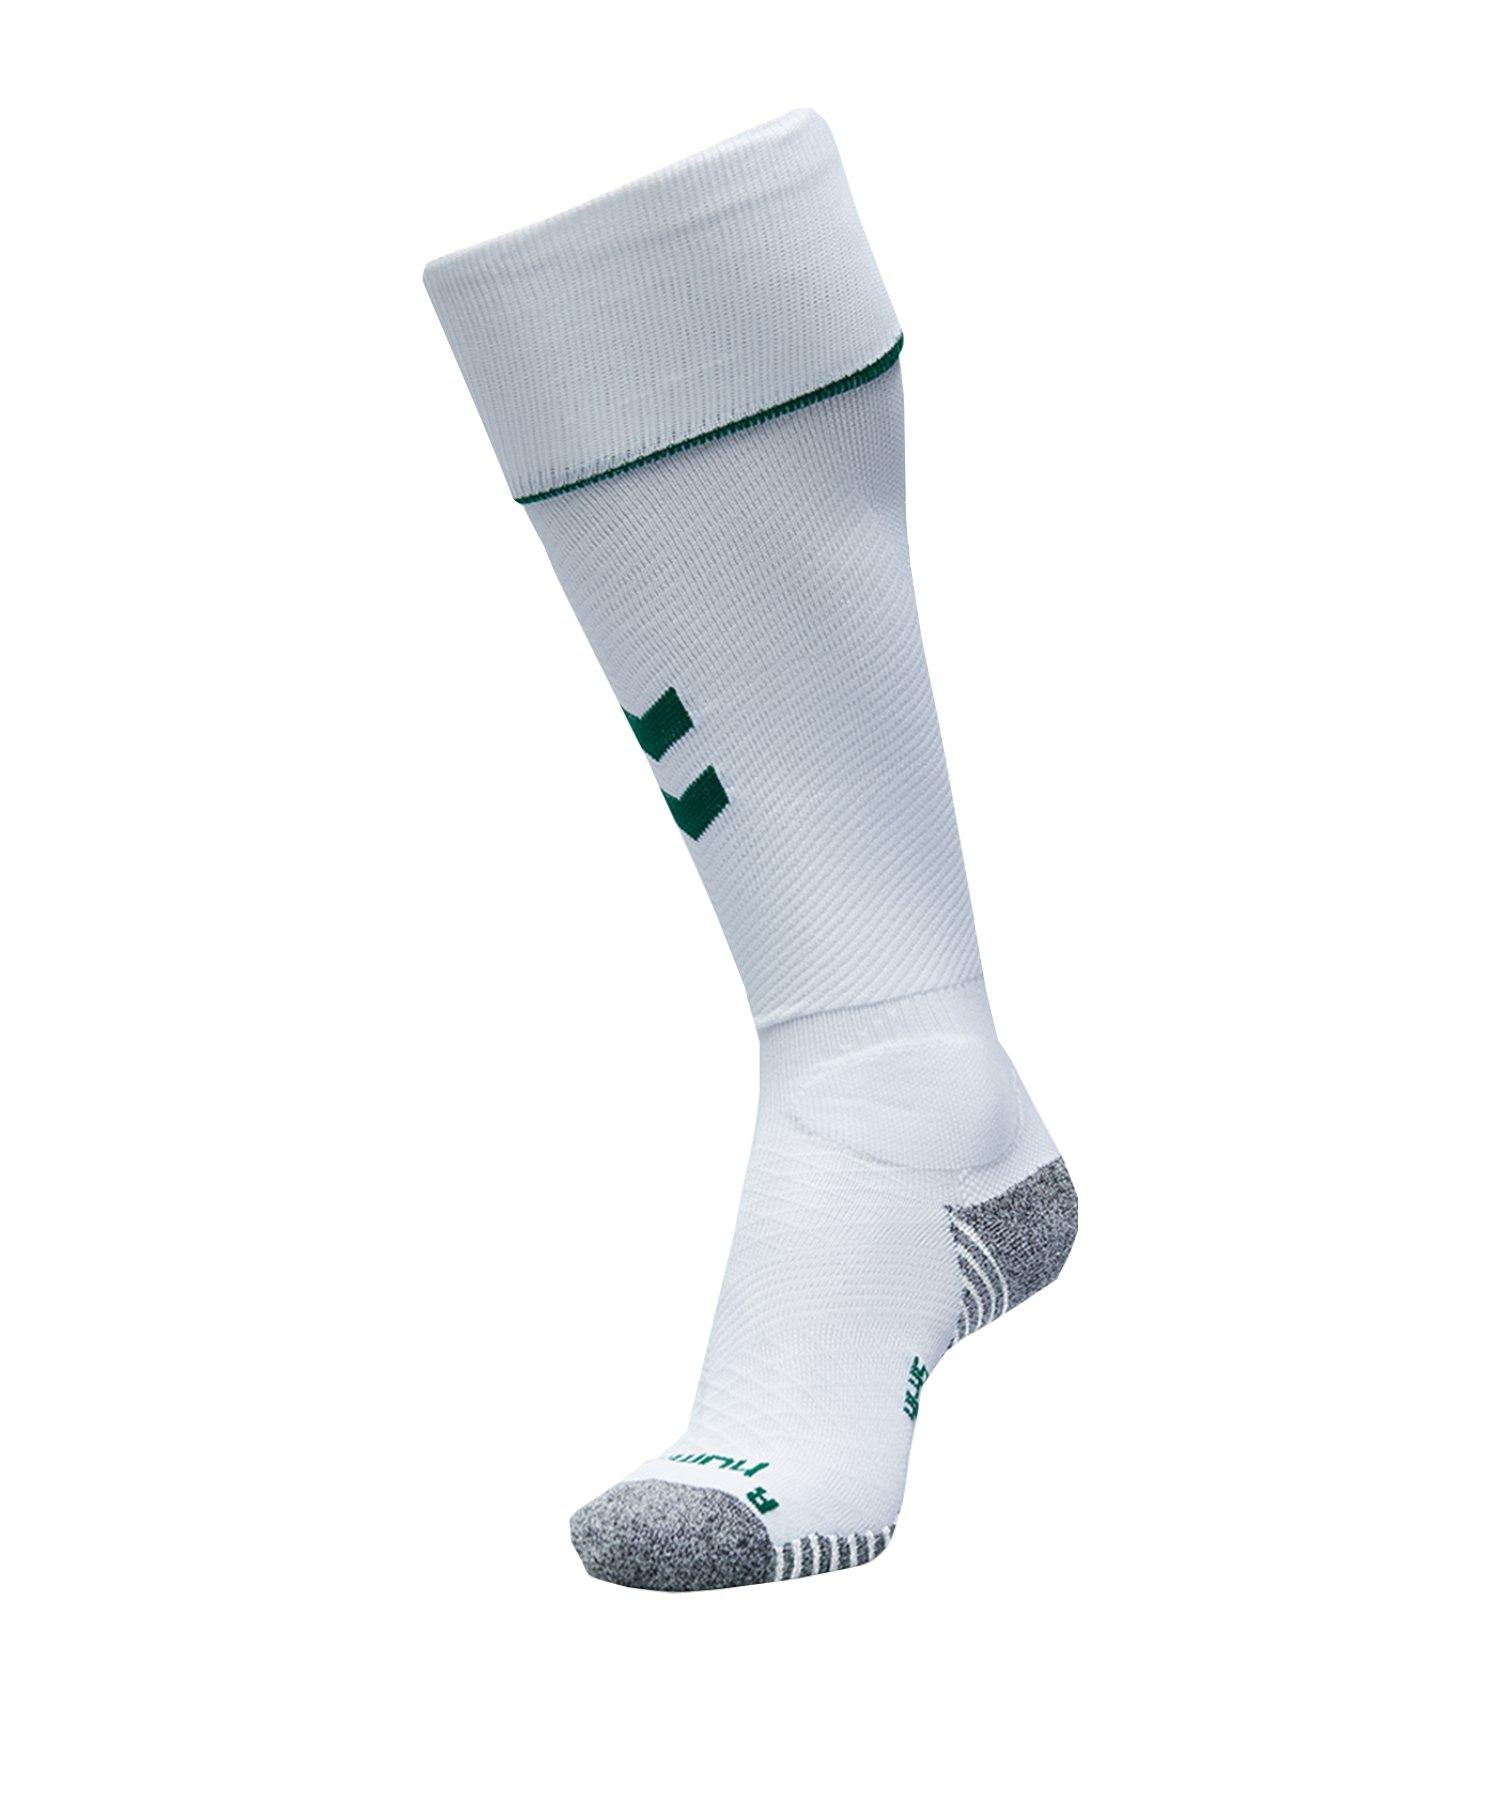 Hummel Pro Football Sock Socken Weiss F9004 - Weiss